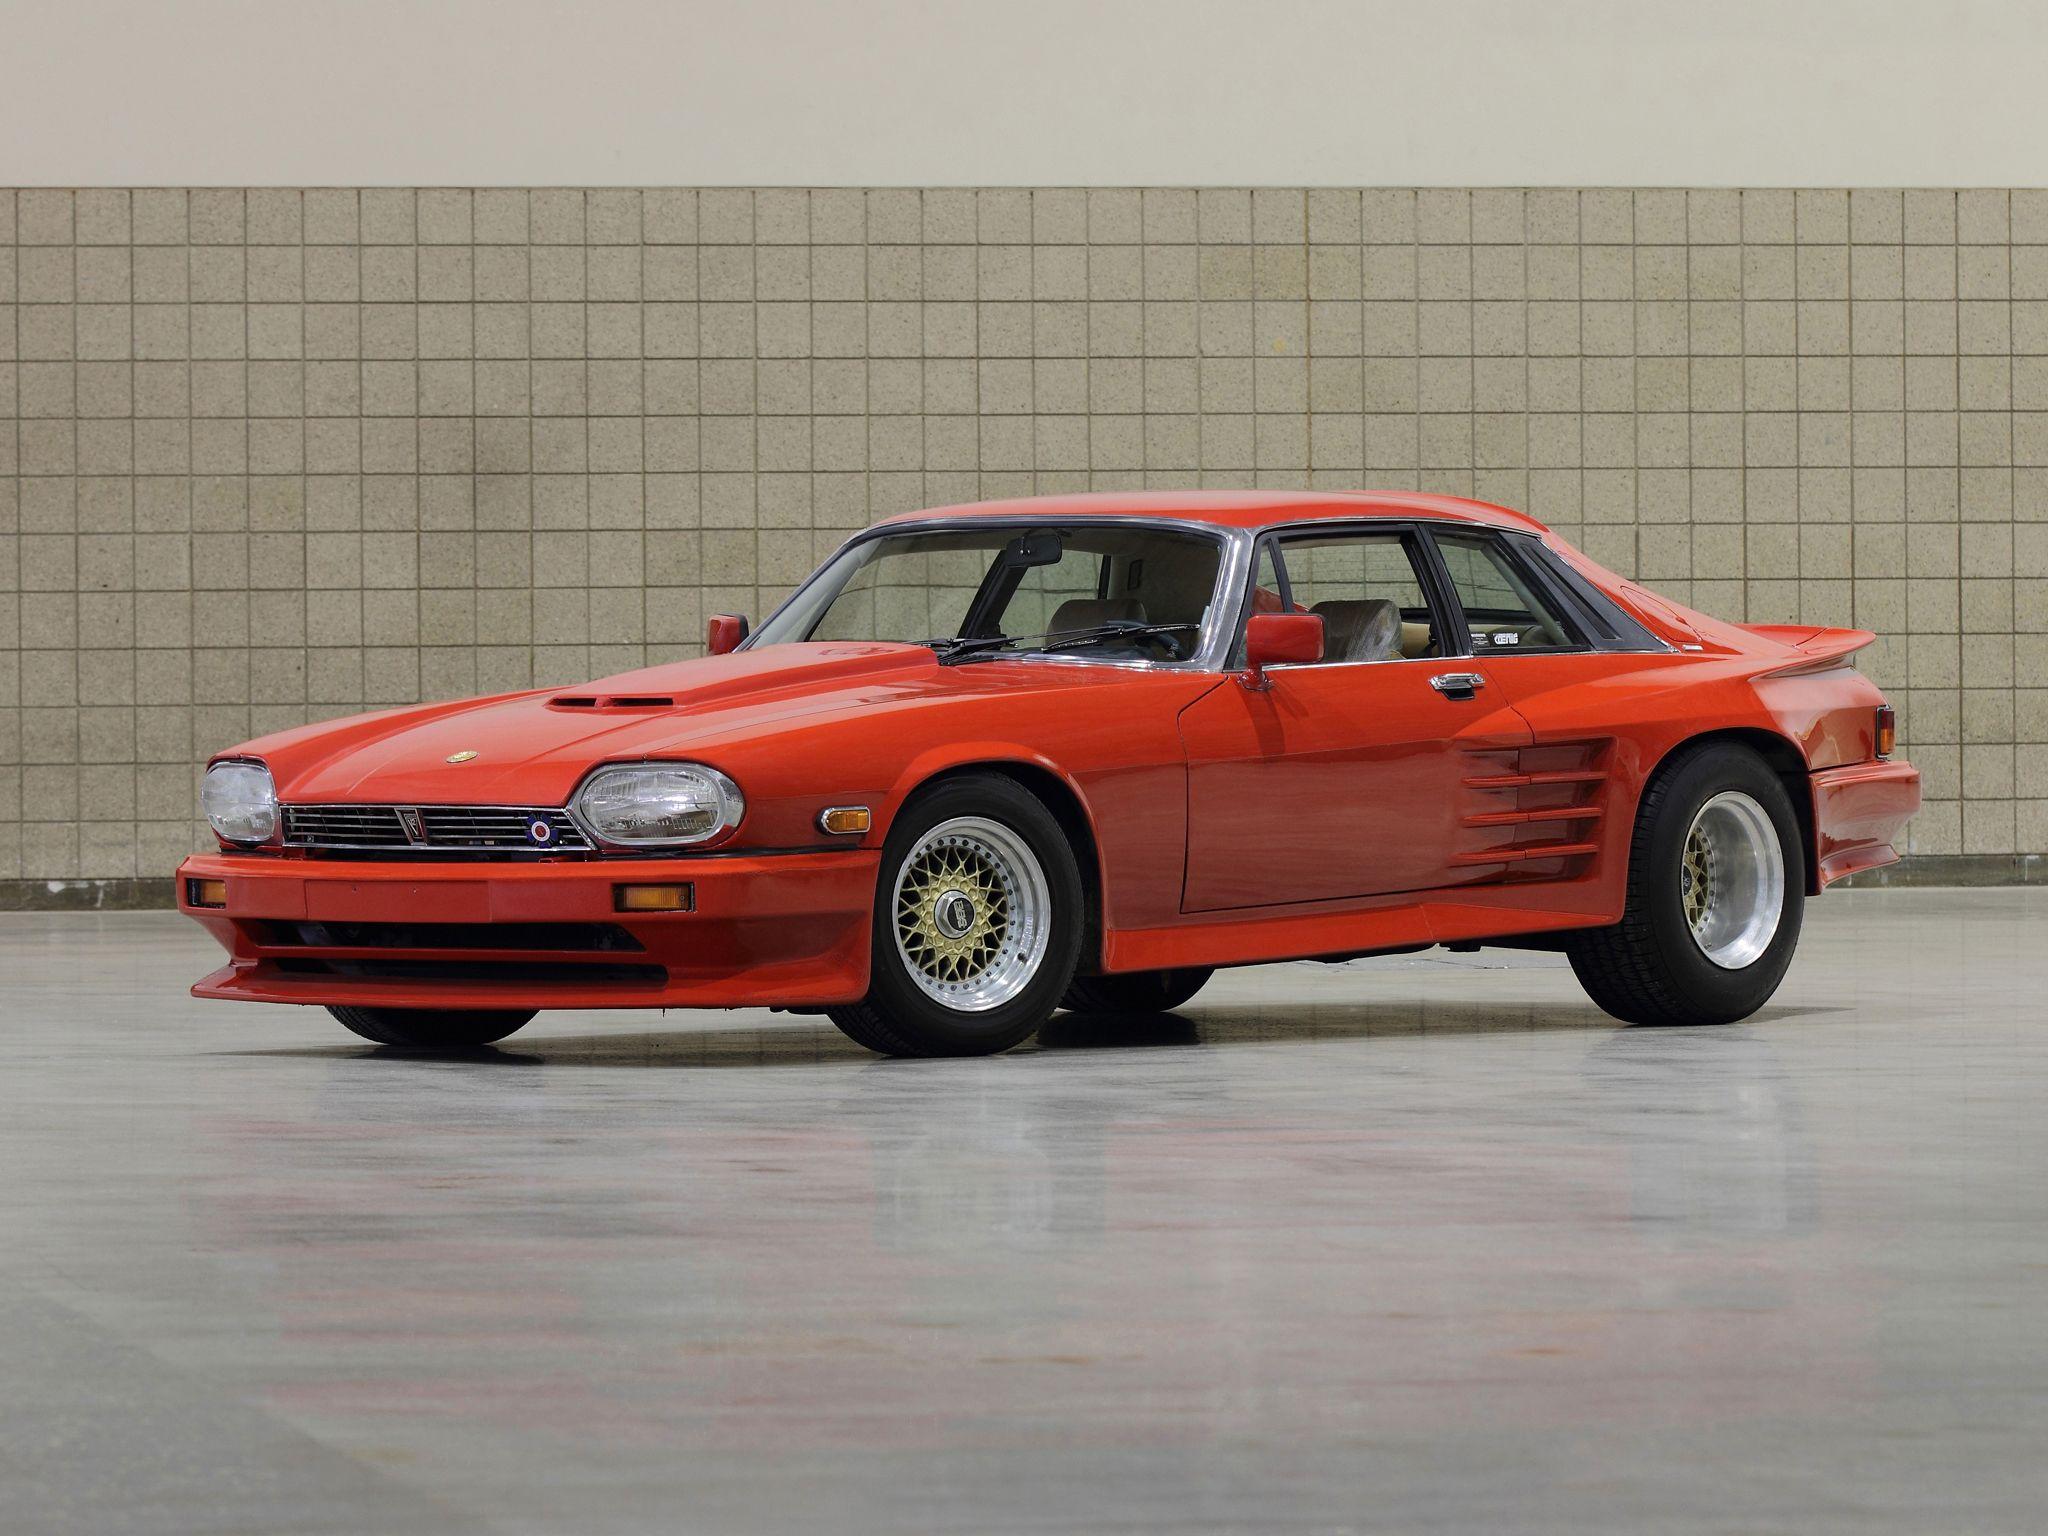 koenig jaguar xjs speciale koenig tuning jaguar cars i jaguar rh pinterest com